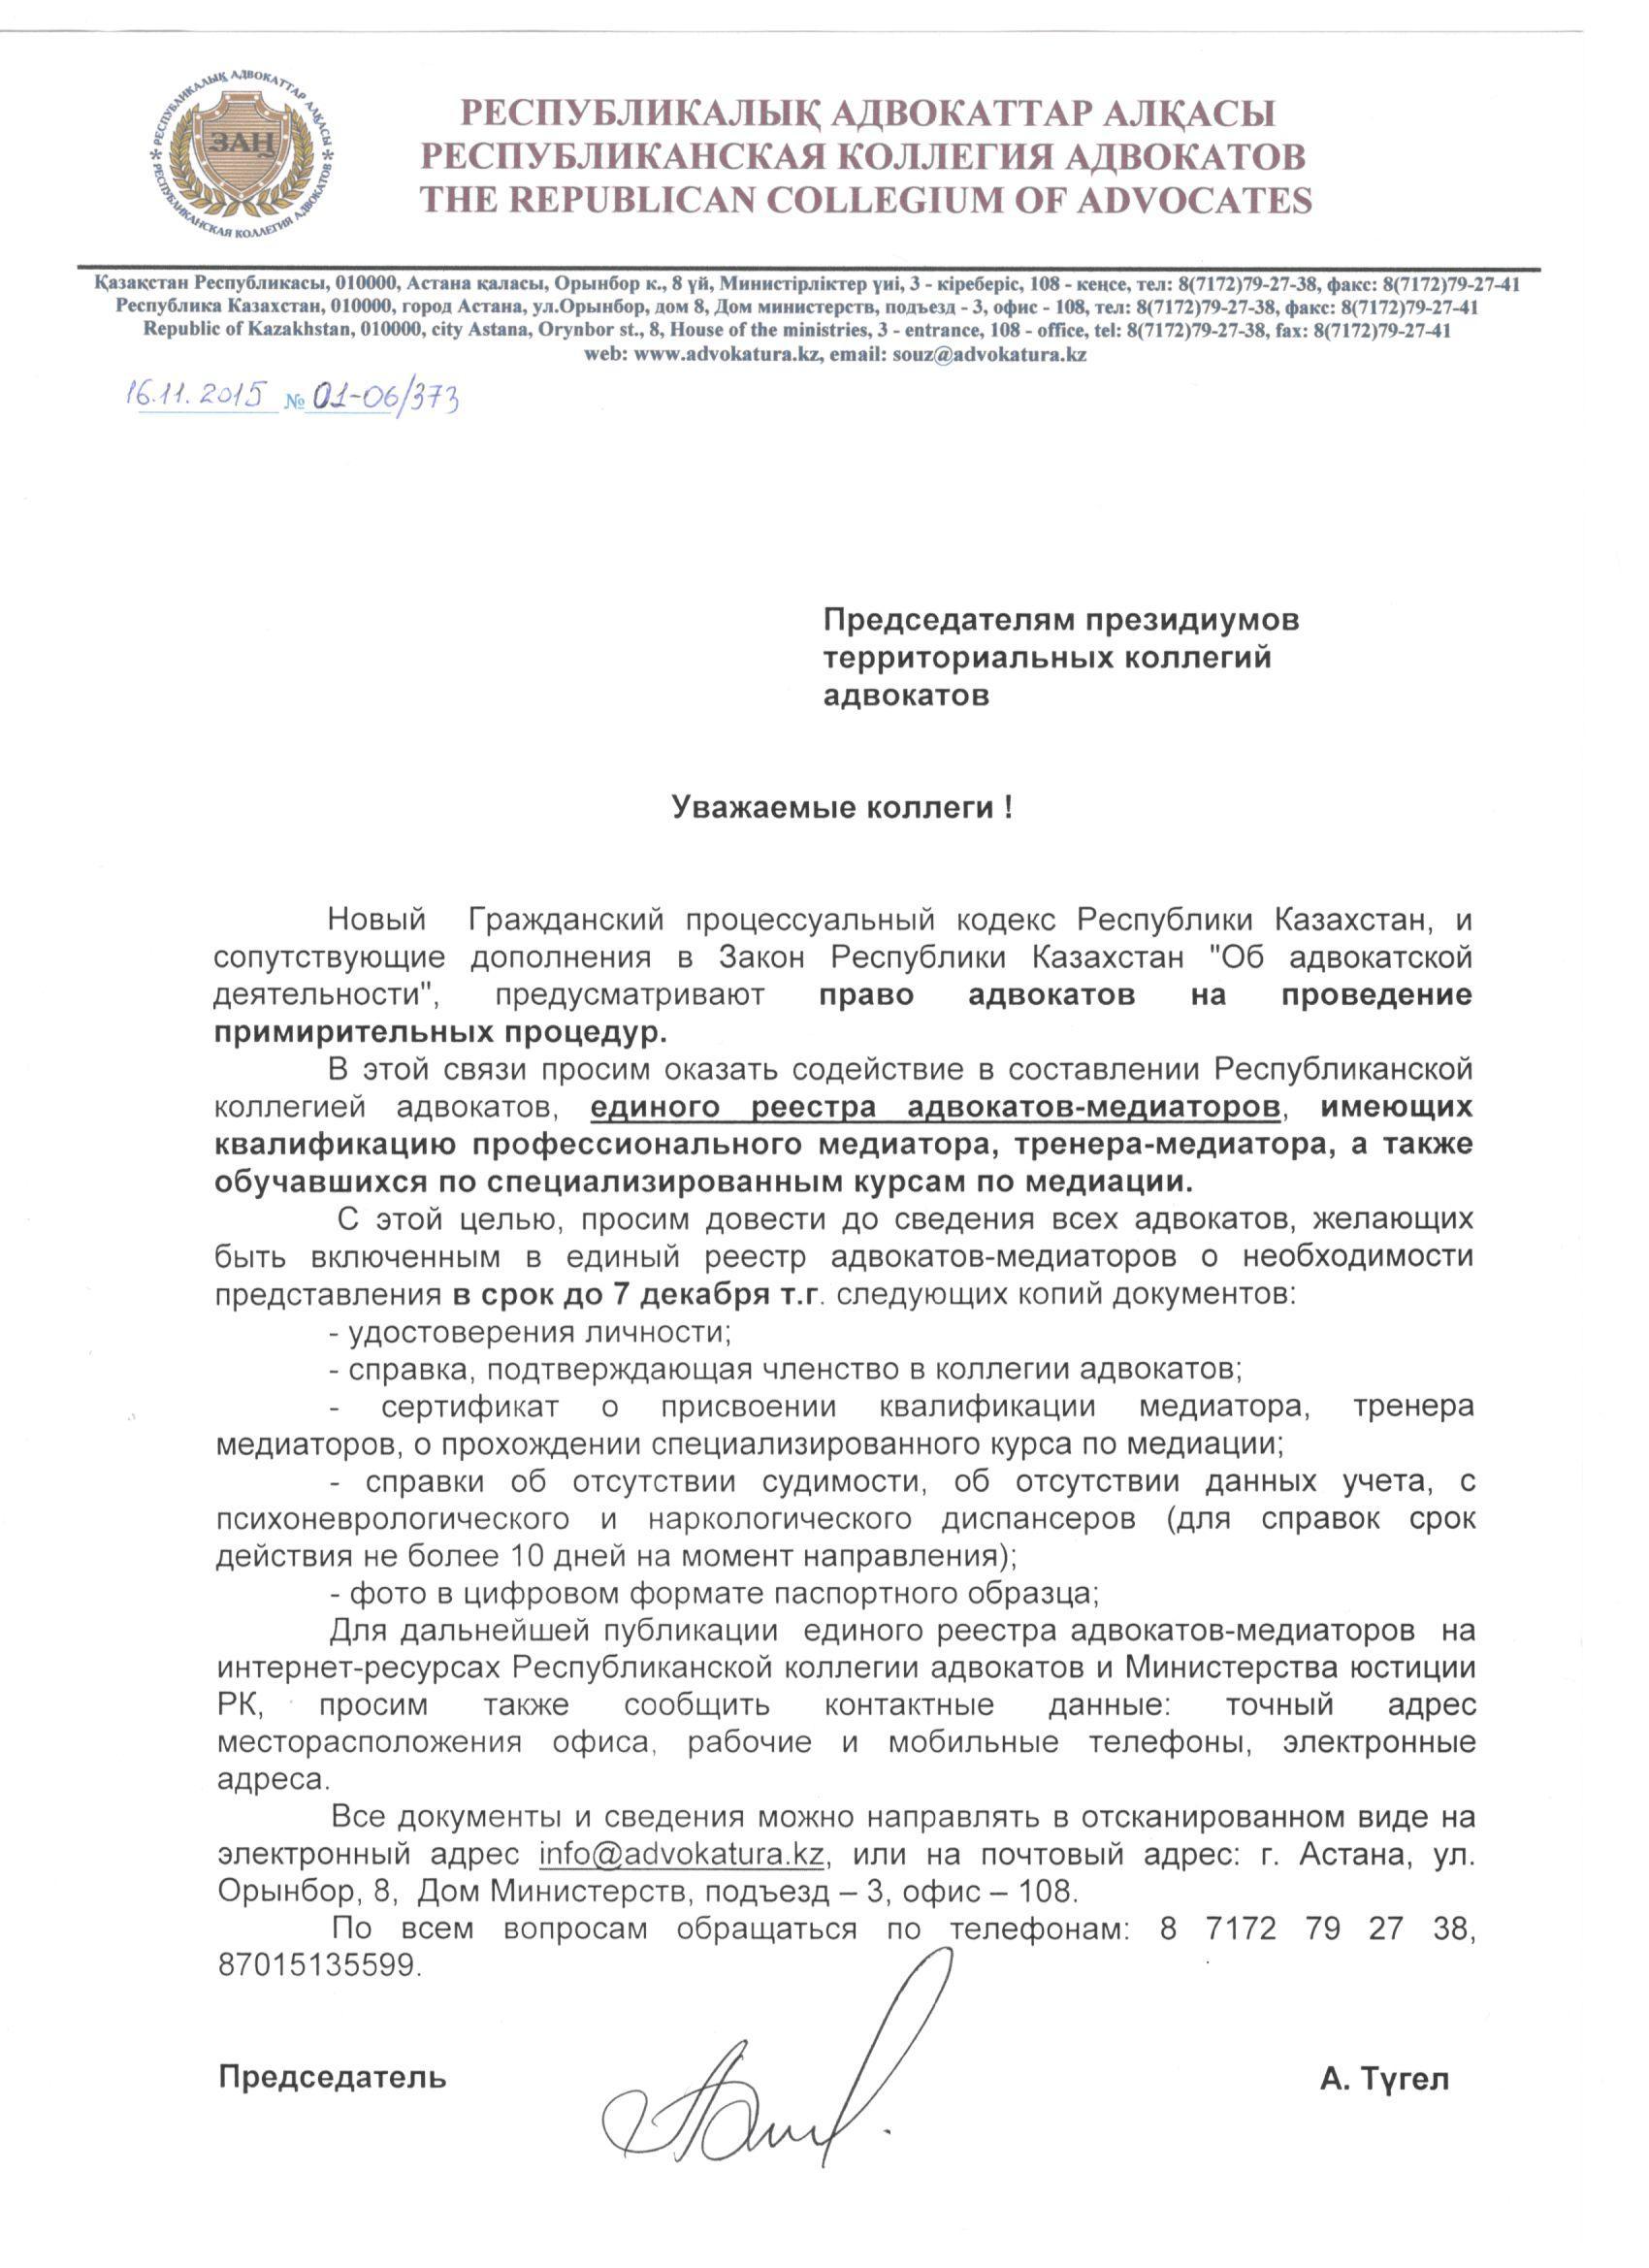 Председателям президиумов территориальных КА